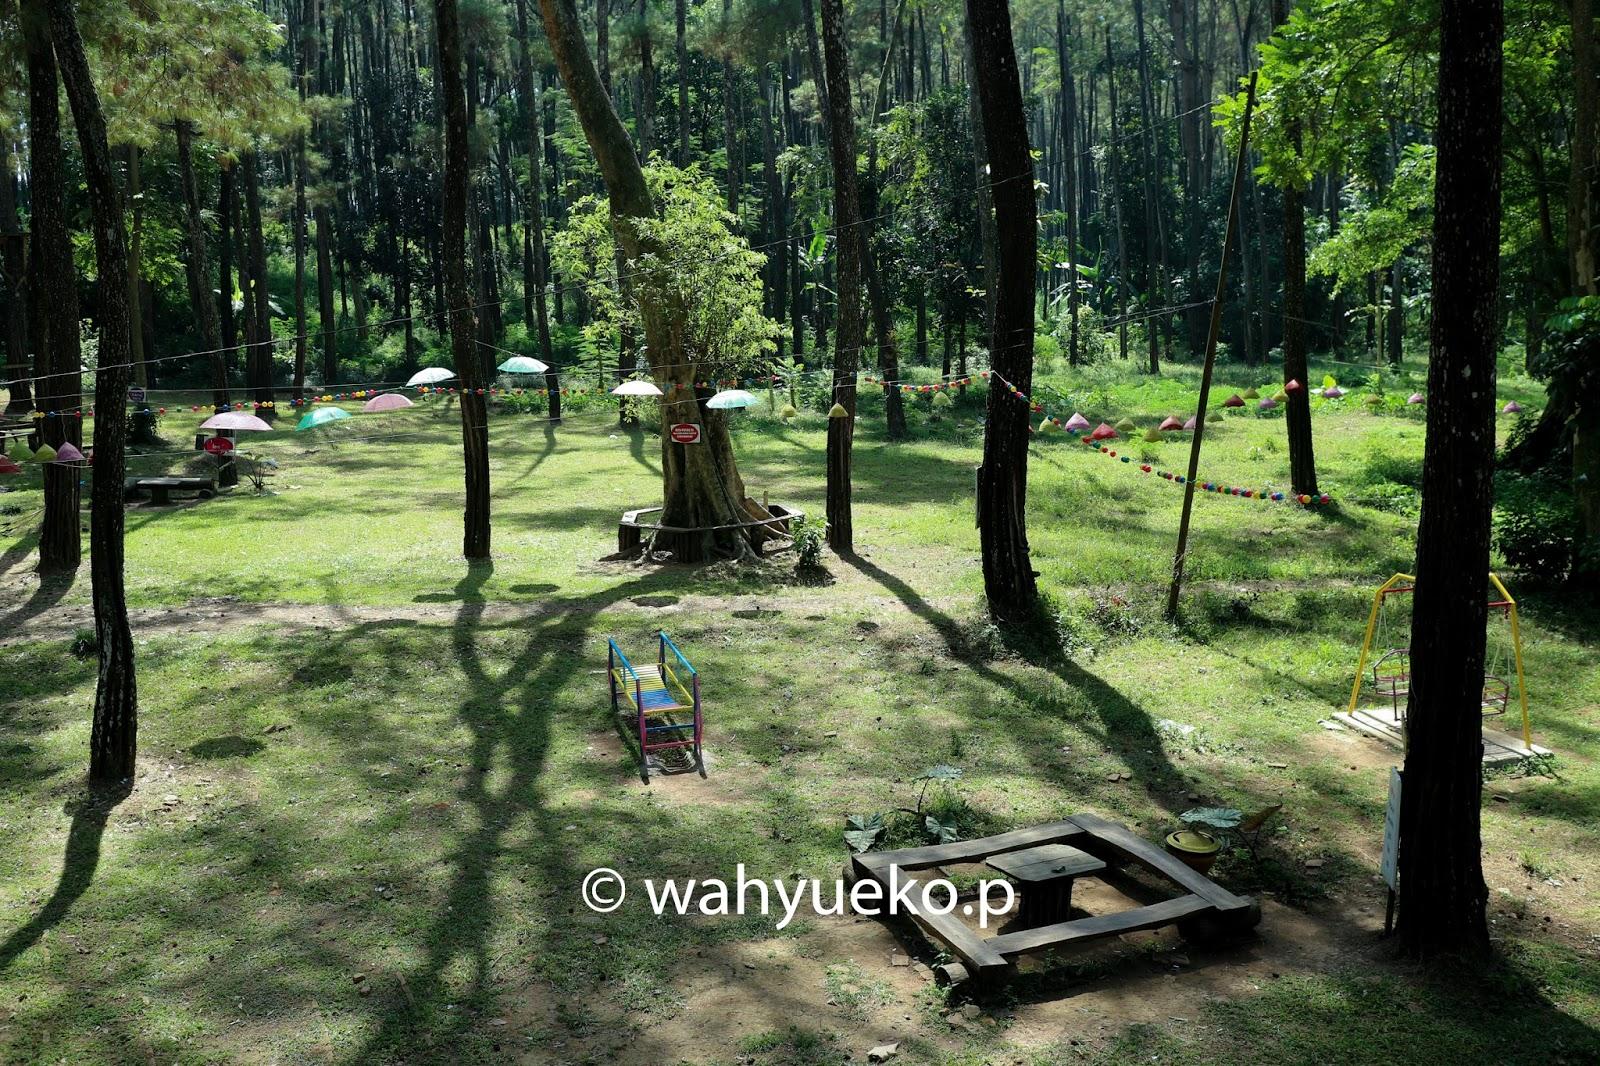 Hutan Tasnan Cerita Citra Bondowoso Bisa Tempat Bermain Cukup Komplit